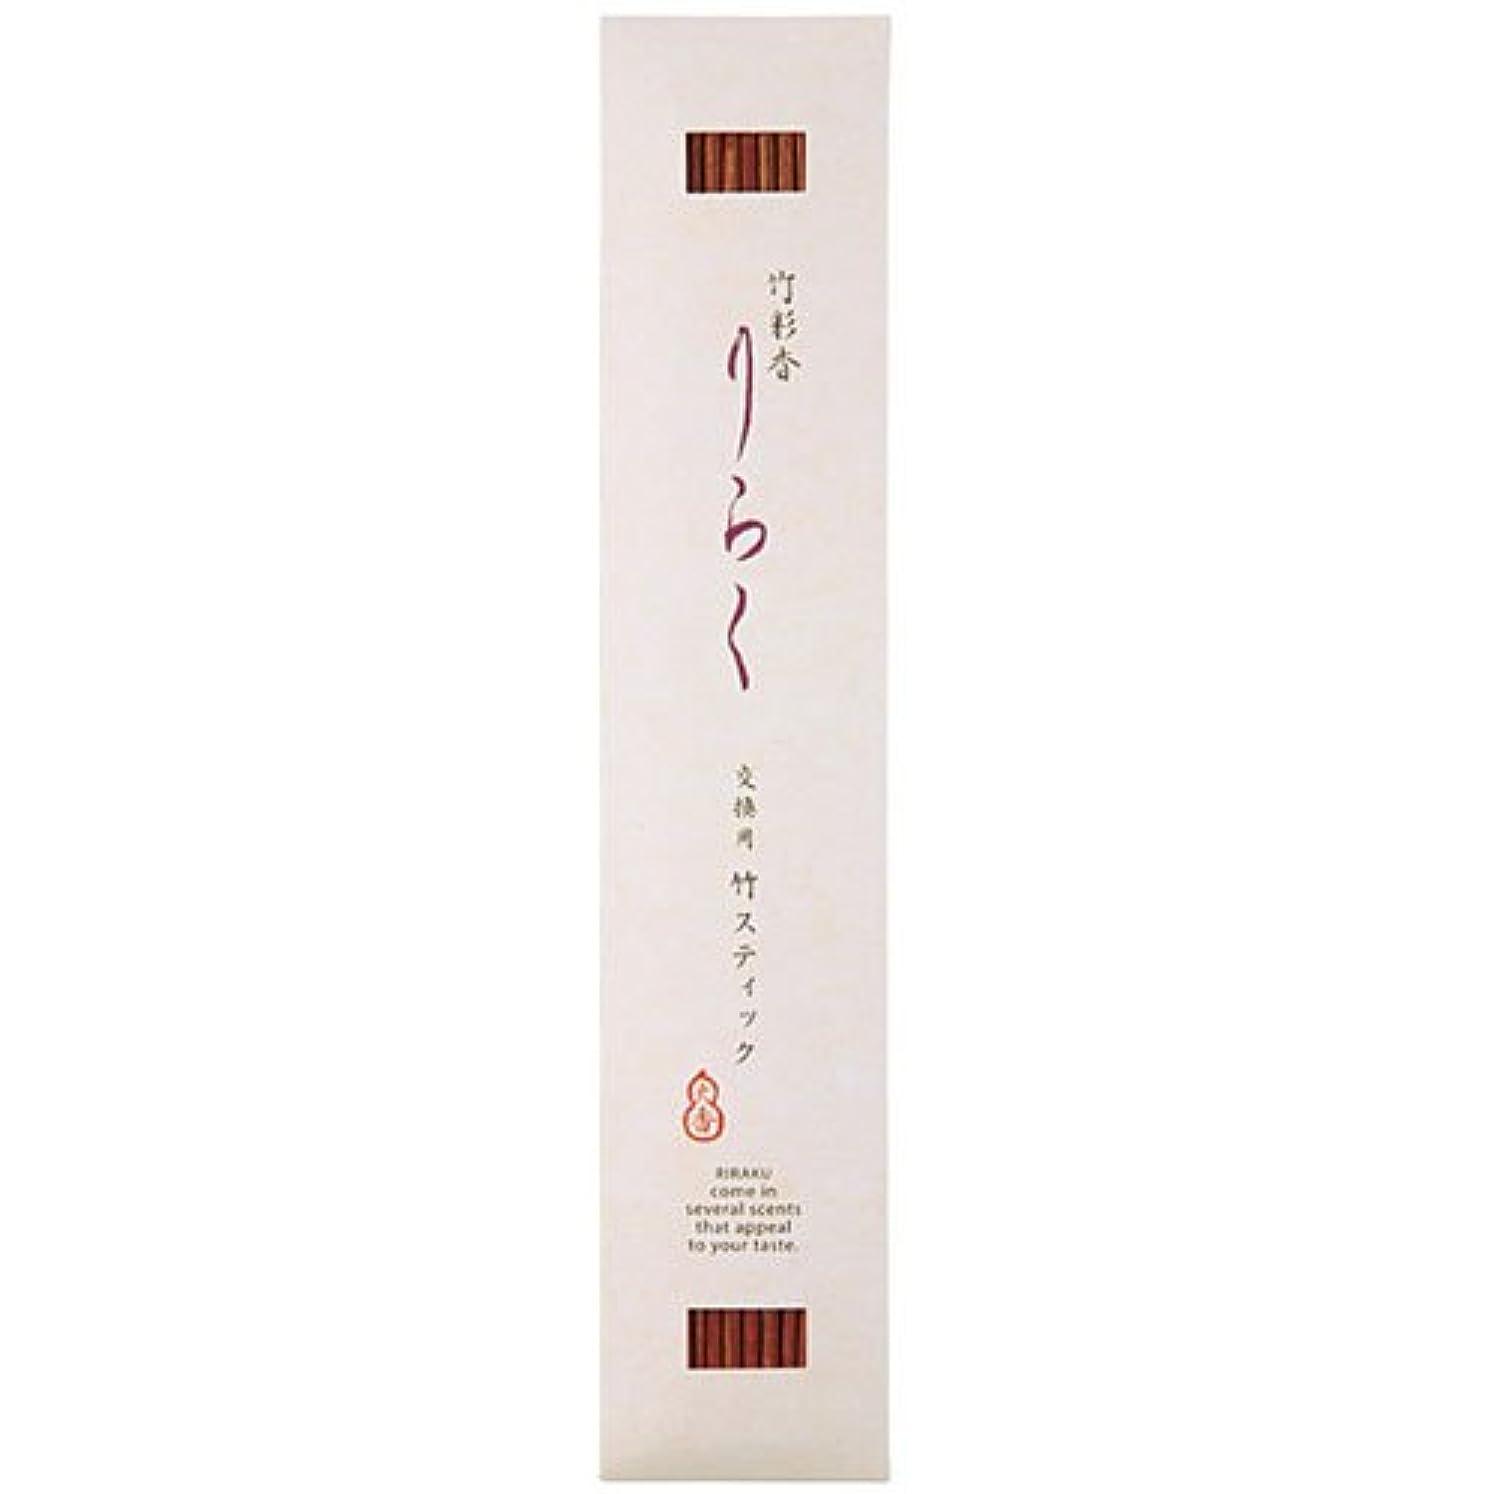 ゴム高さ行動竹彩香りらく 交換用竹スティックきんもくせいの色 10本